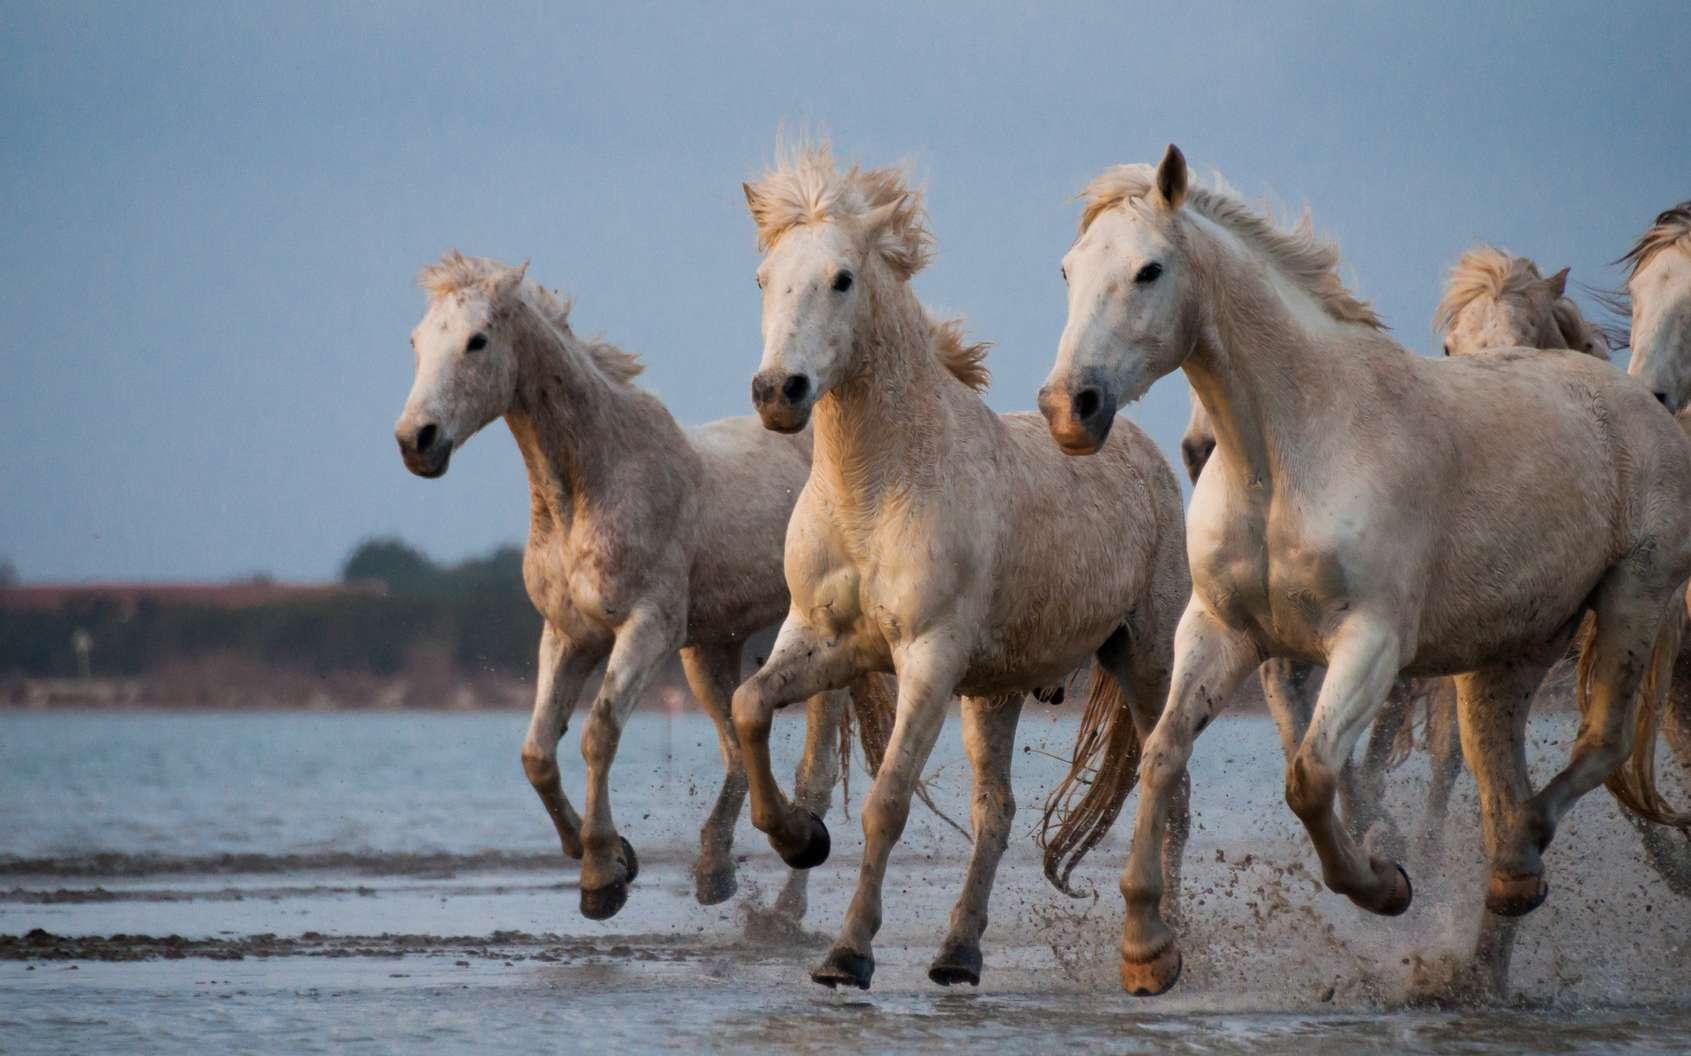 Les chevaux de Camargue sont aussi bien appréciés pour les randonnées équestres que pour les compétitions sportives. © erika, fotolia